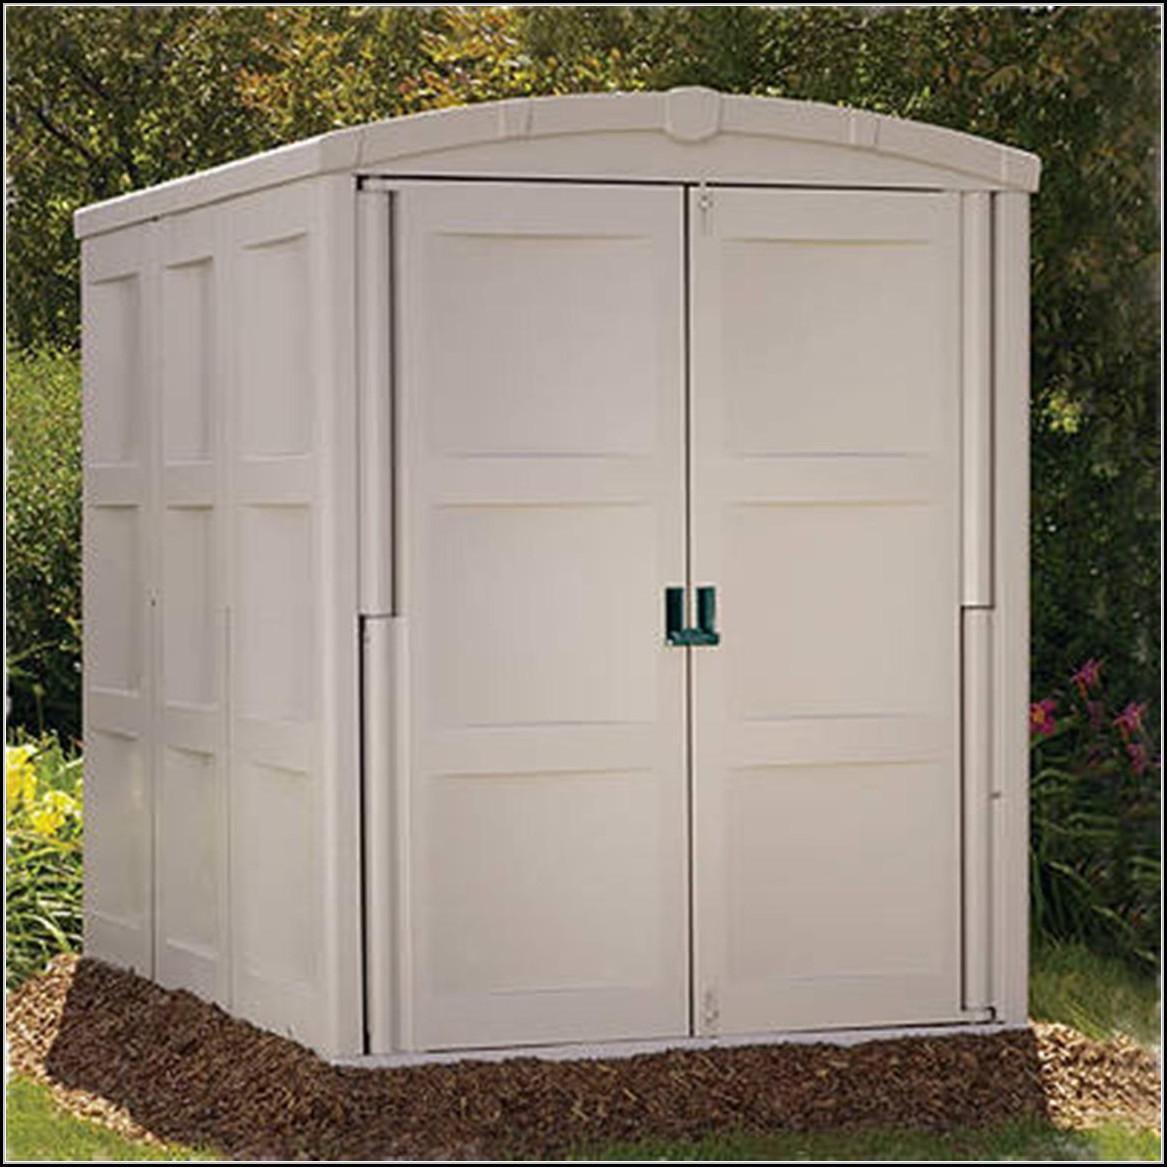 Suncast Extra Large Storage Shed